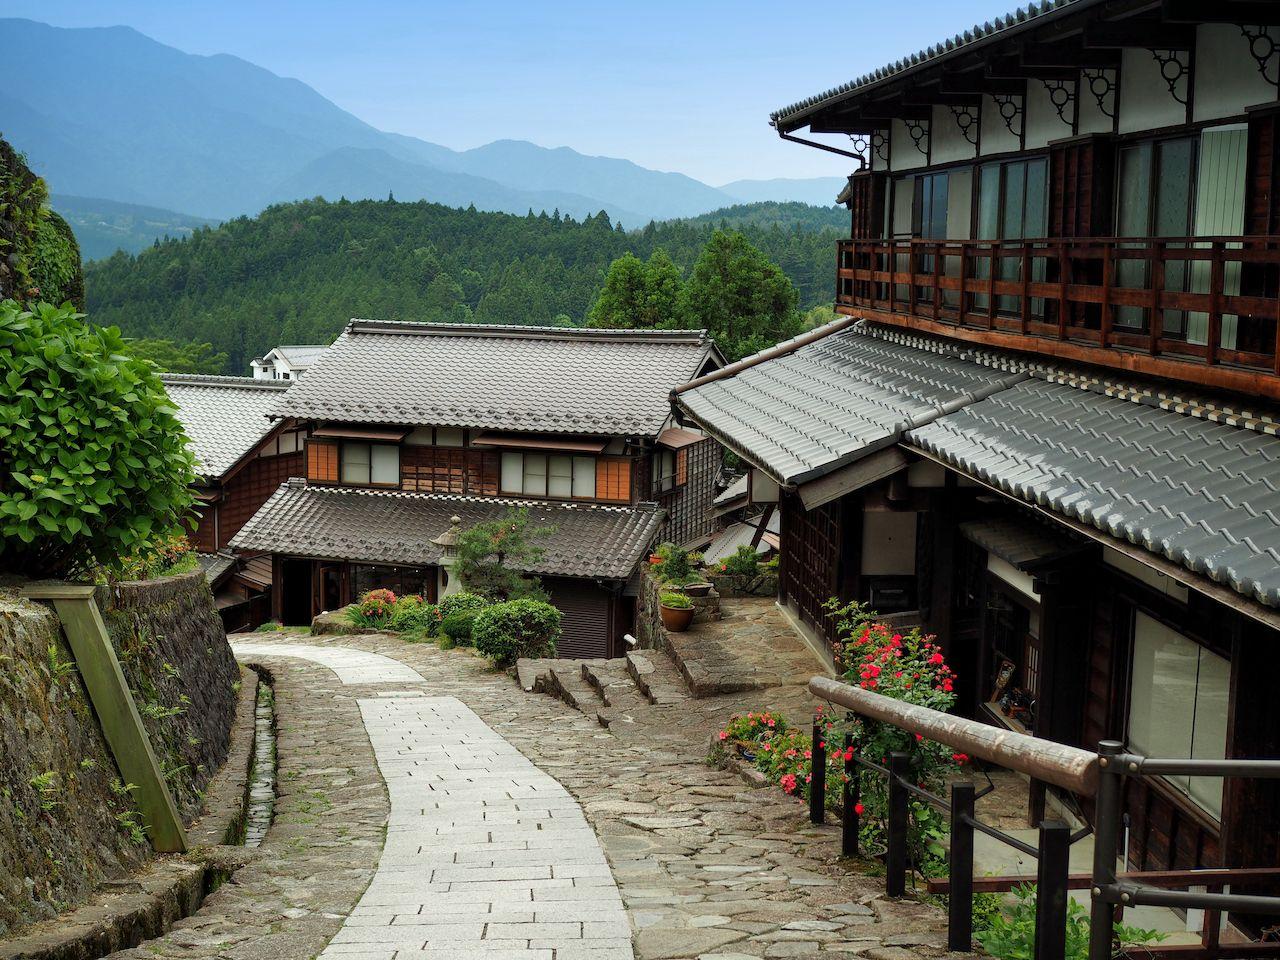 town near Tsumago-juku village